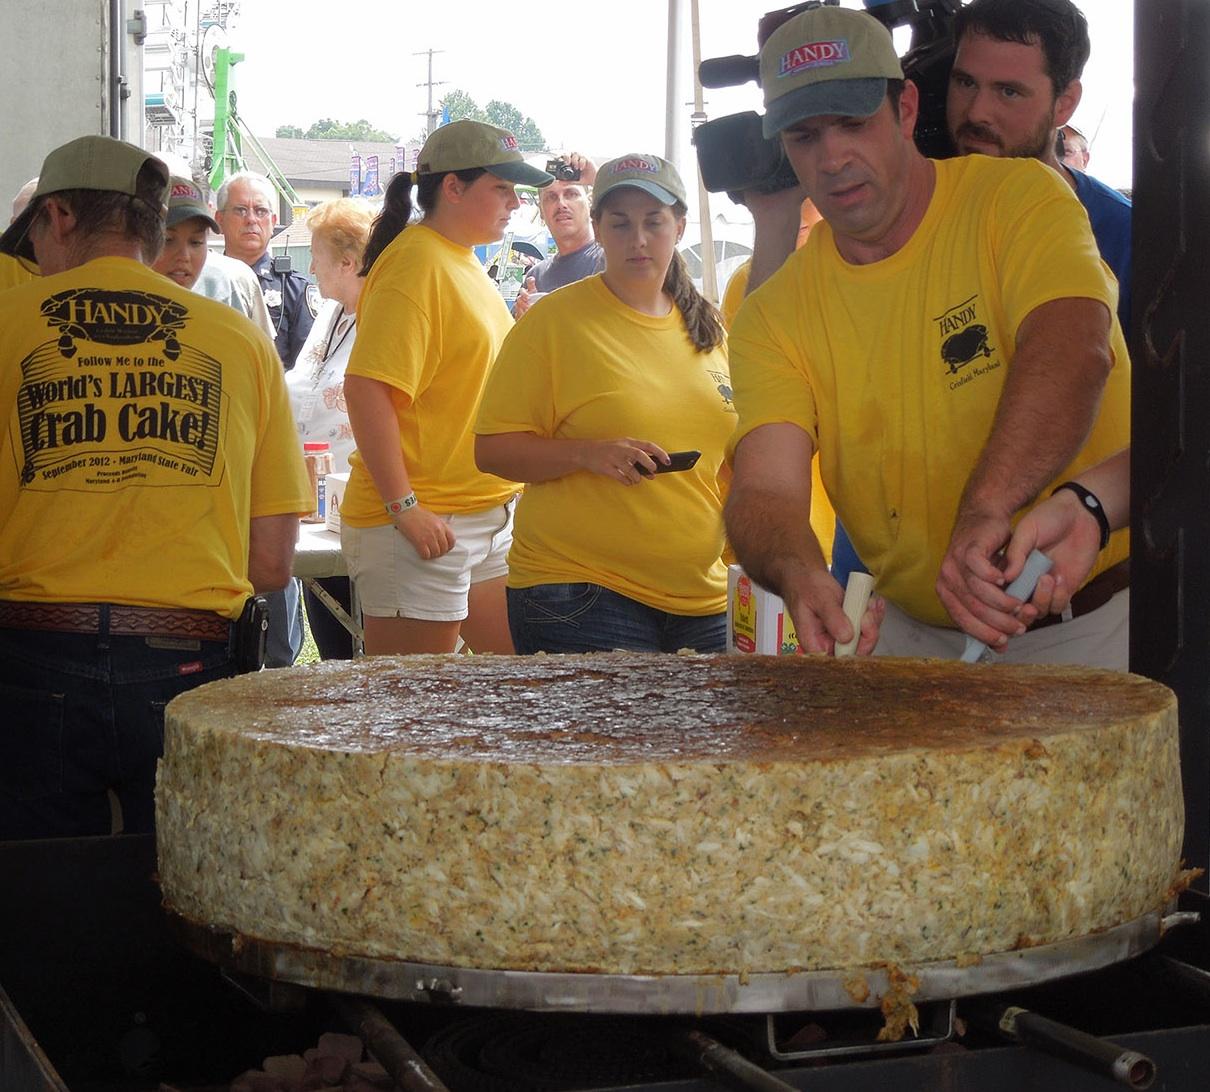 Kiri Tannenbaum: Maryland State Fair Produces